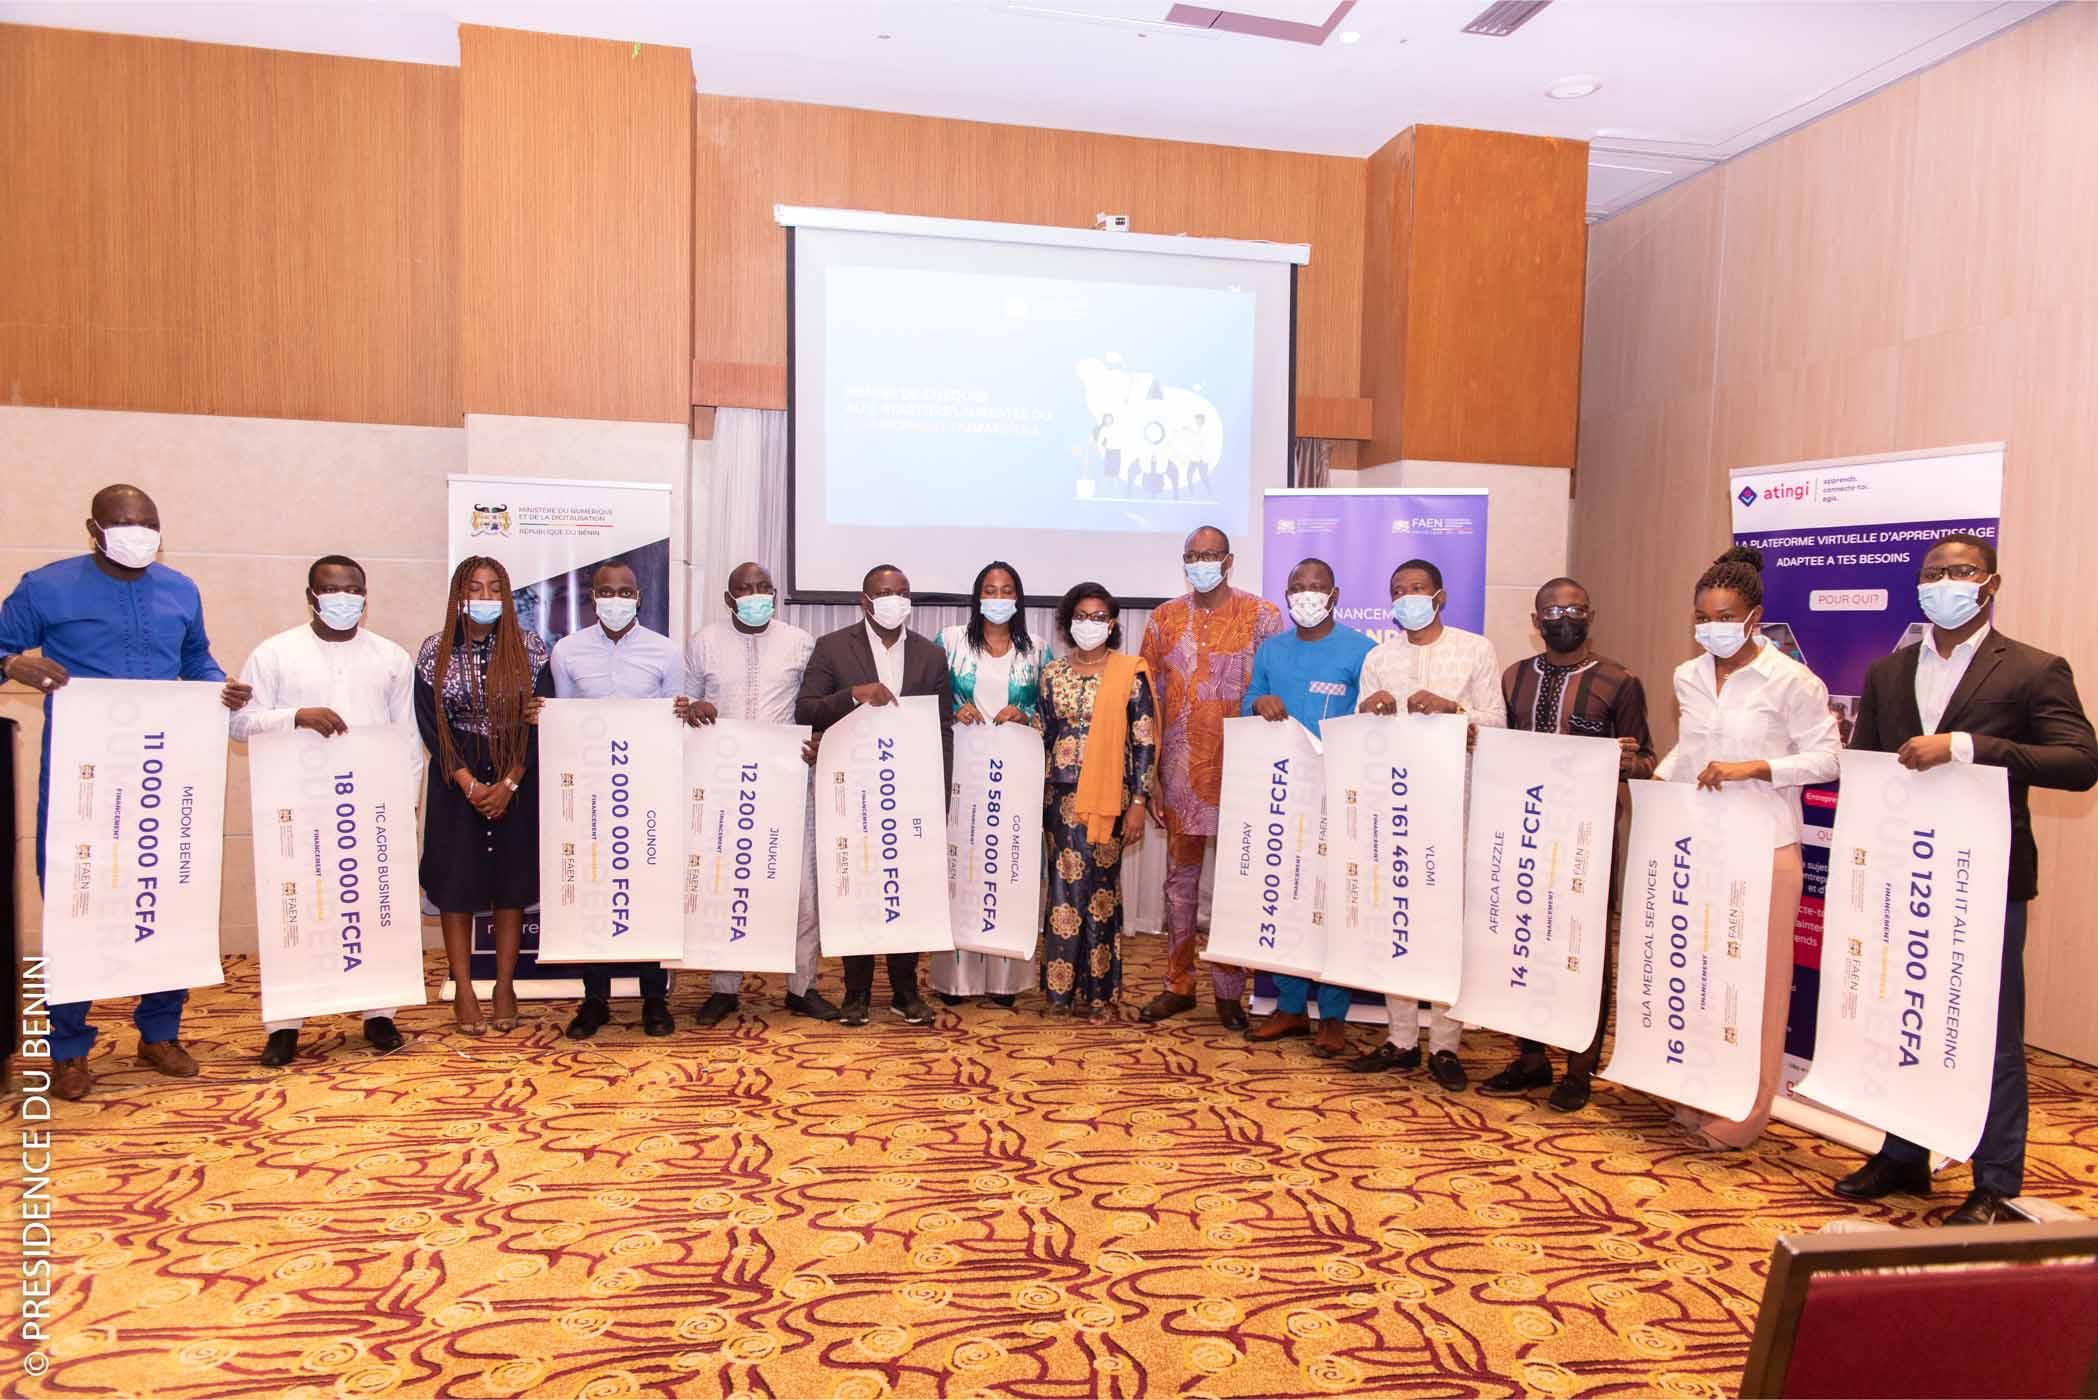 Bénin / Entrepreneuriat Numérique : Des chèques de 10 à 29 Millions de frs Cfa pour 11 startups lauréates du financement OUMANDERA